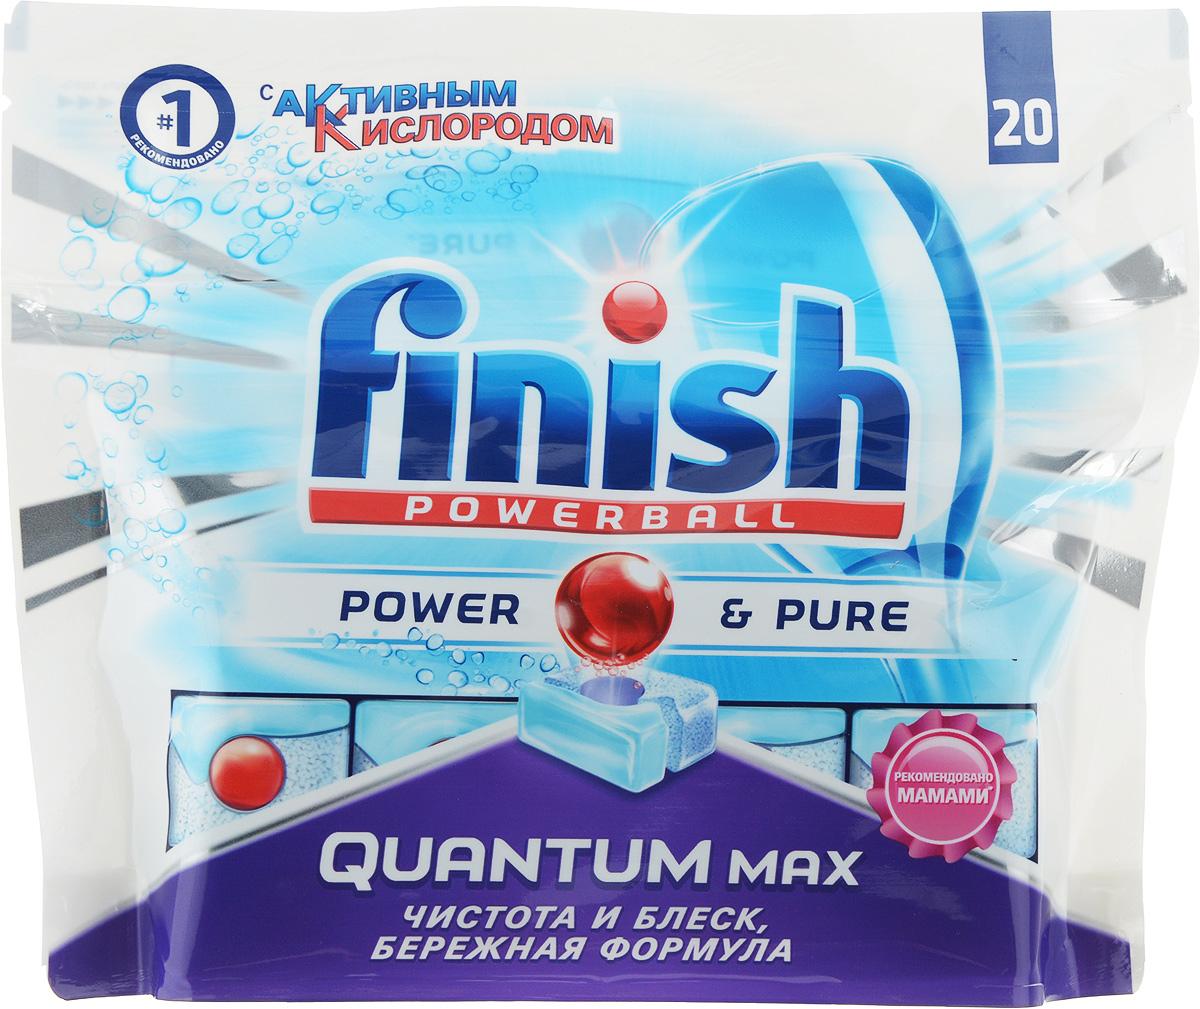 Таблетки для посудомоечной машины Finish Quantum Powerball Power&Pure, 20 шт531-402Таблетки Finish Quantum Powerball Power&Pure - высокоэффективное средство для расщепления сложных пищевых загрязнений. Это великолепное сияние и чистота всей вашей посуды. Уникальный красный шар Powerball обладает моментальным действием, размягчая засохшие остатки пищи на посуде, а активные моющие компоненты вымывают частицы загрязнения и удаляют любые пятна. Растворяясь, таблетка формирует пузырьки, которые доставляют активные реагенты для глубокого очищения посуды в места загрязнений.Функций таблеток:- удаляют сложные загрязнения, - функция смягчения воды, - функция ополаскивания для блеска посуды, - удаляют чайный налет, - эффективное расщепление жира, - предотвращение образования накипи. Состав:- 5% или более, но менее15% кислородсодержащий отбеливатель, неионогенные ПАВ;- менее 5% поликарбоксилаты, фосфонаты, энзимы, ароматизатор. Товар сертифицирован.